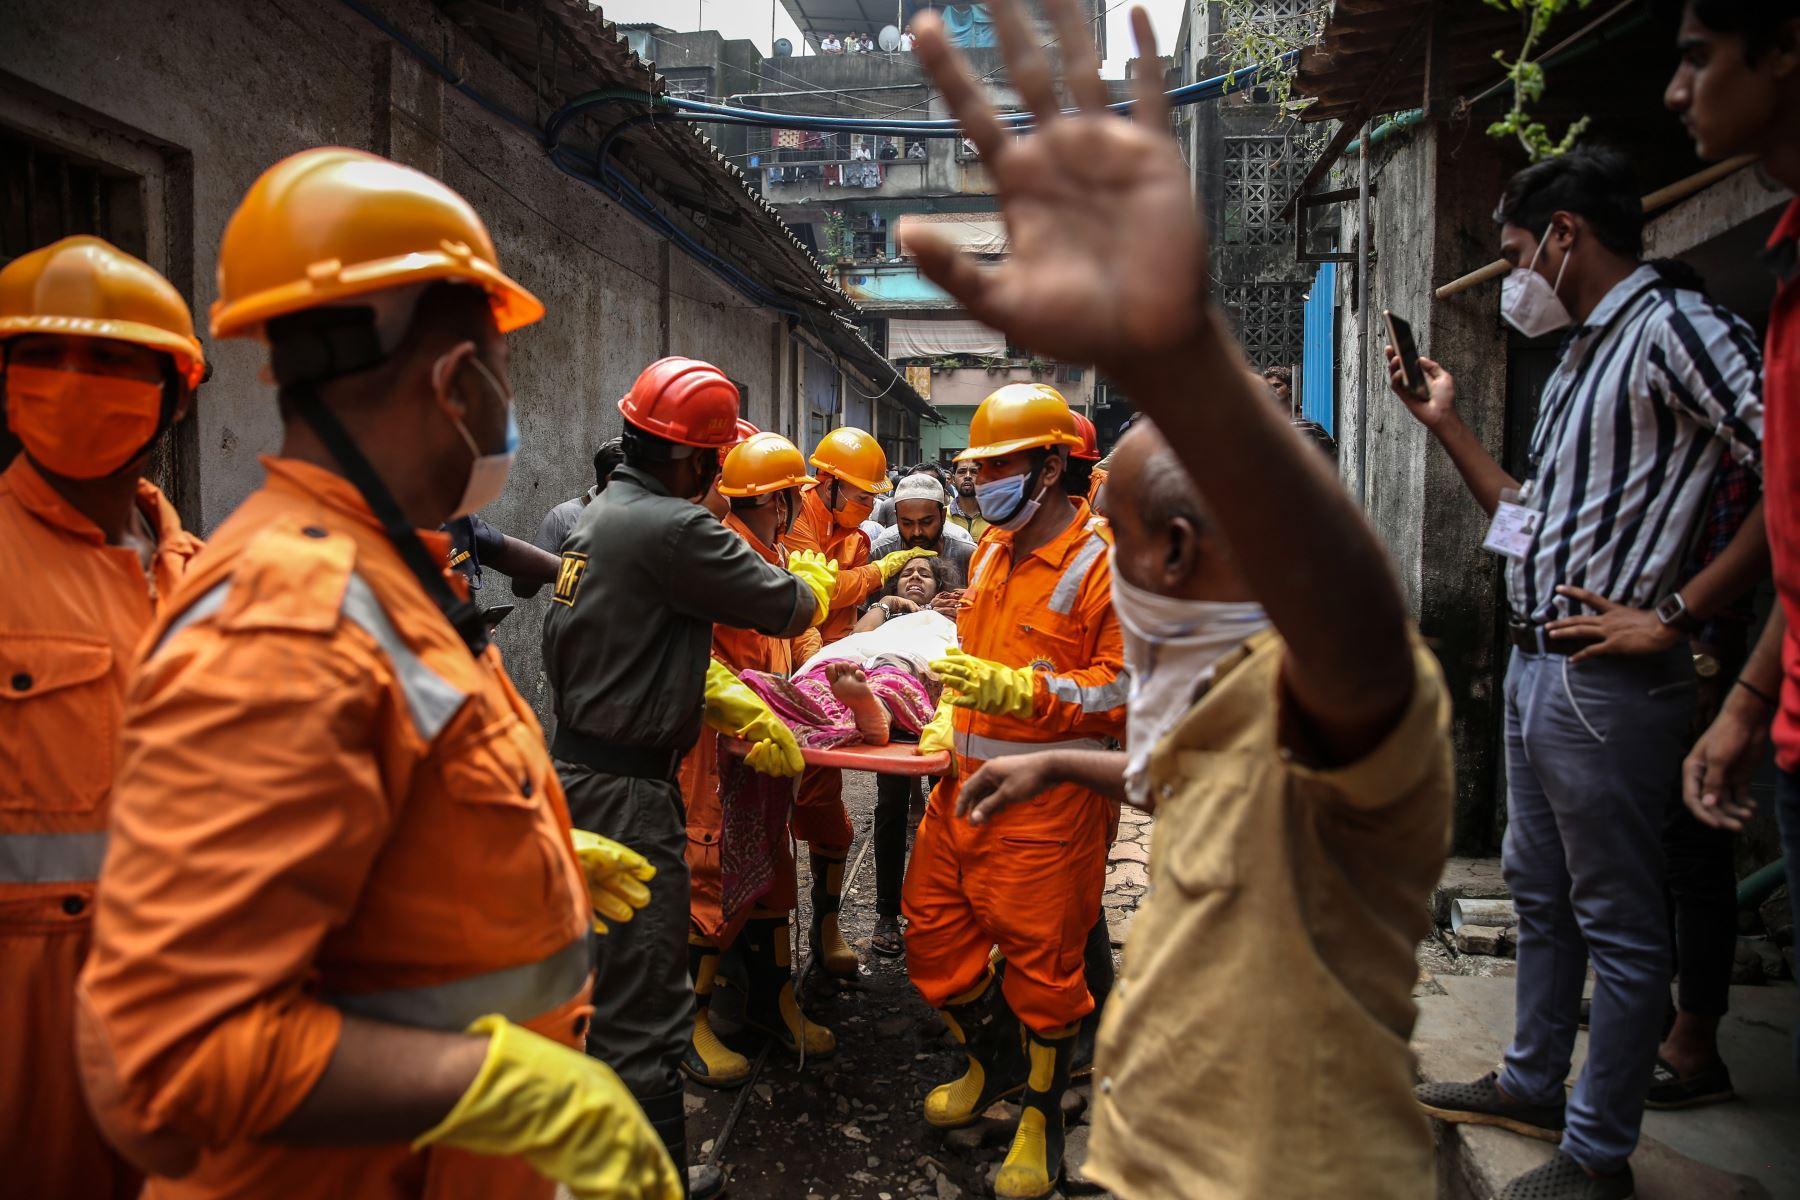 Personal de la Fuerza Nacional de Respuesta a Desastres (NDRF) rescata a un sobreviviente tras el colapso de un edificio residencial en Bhiwandi, India. Foto: EFE